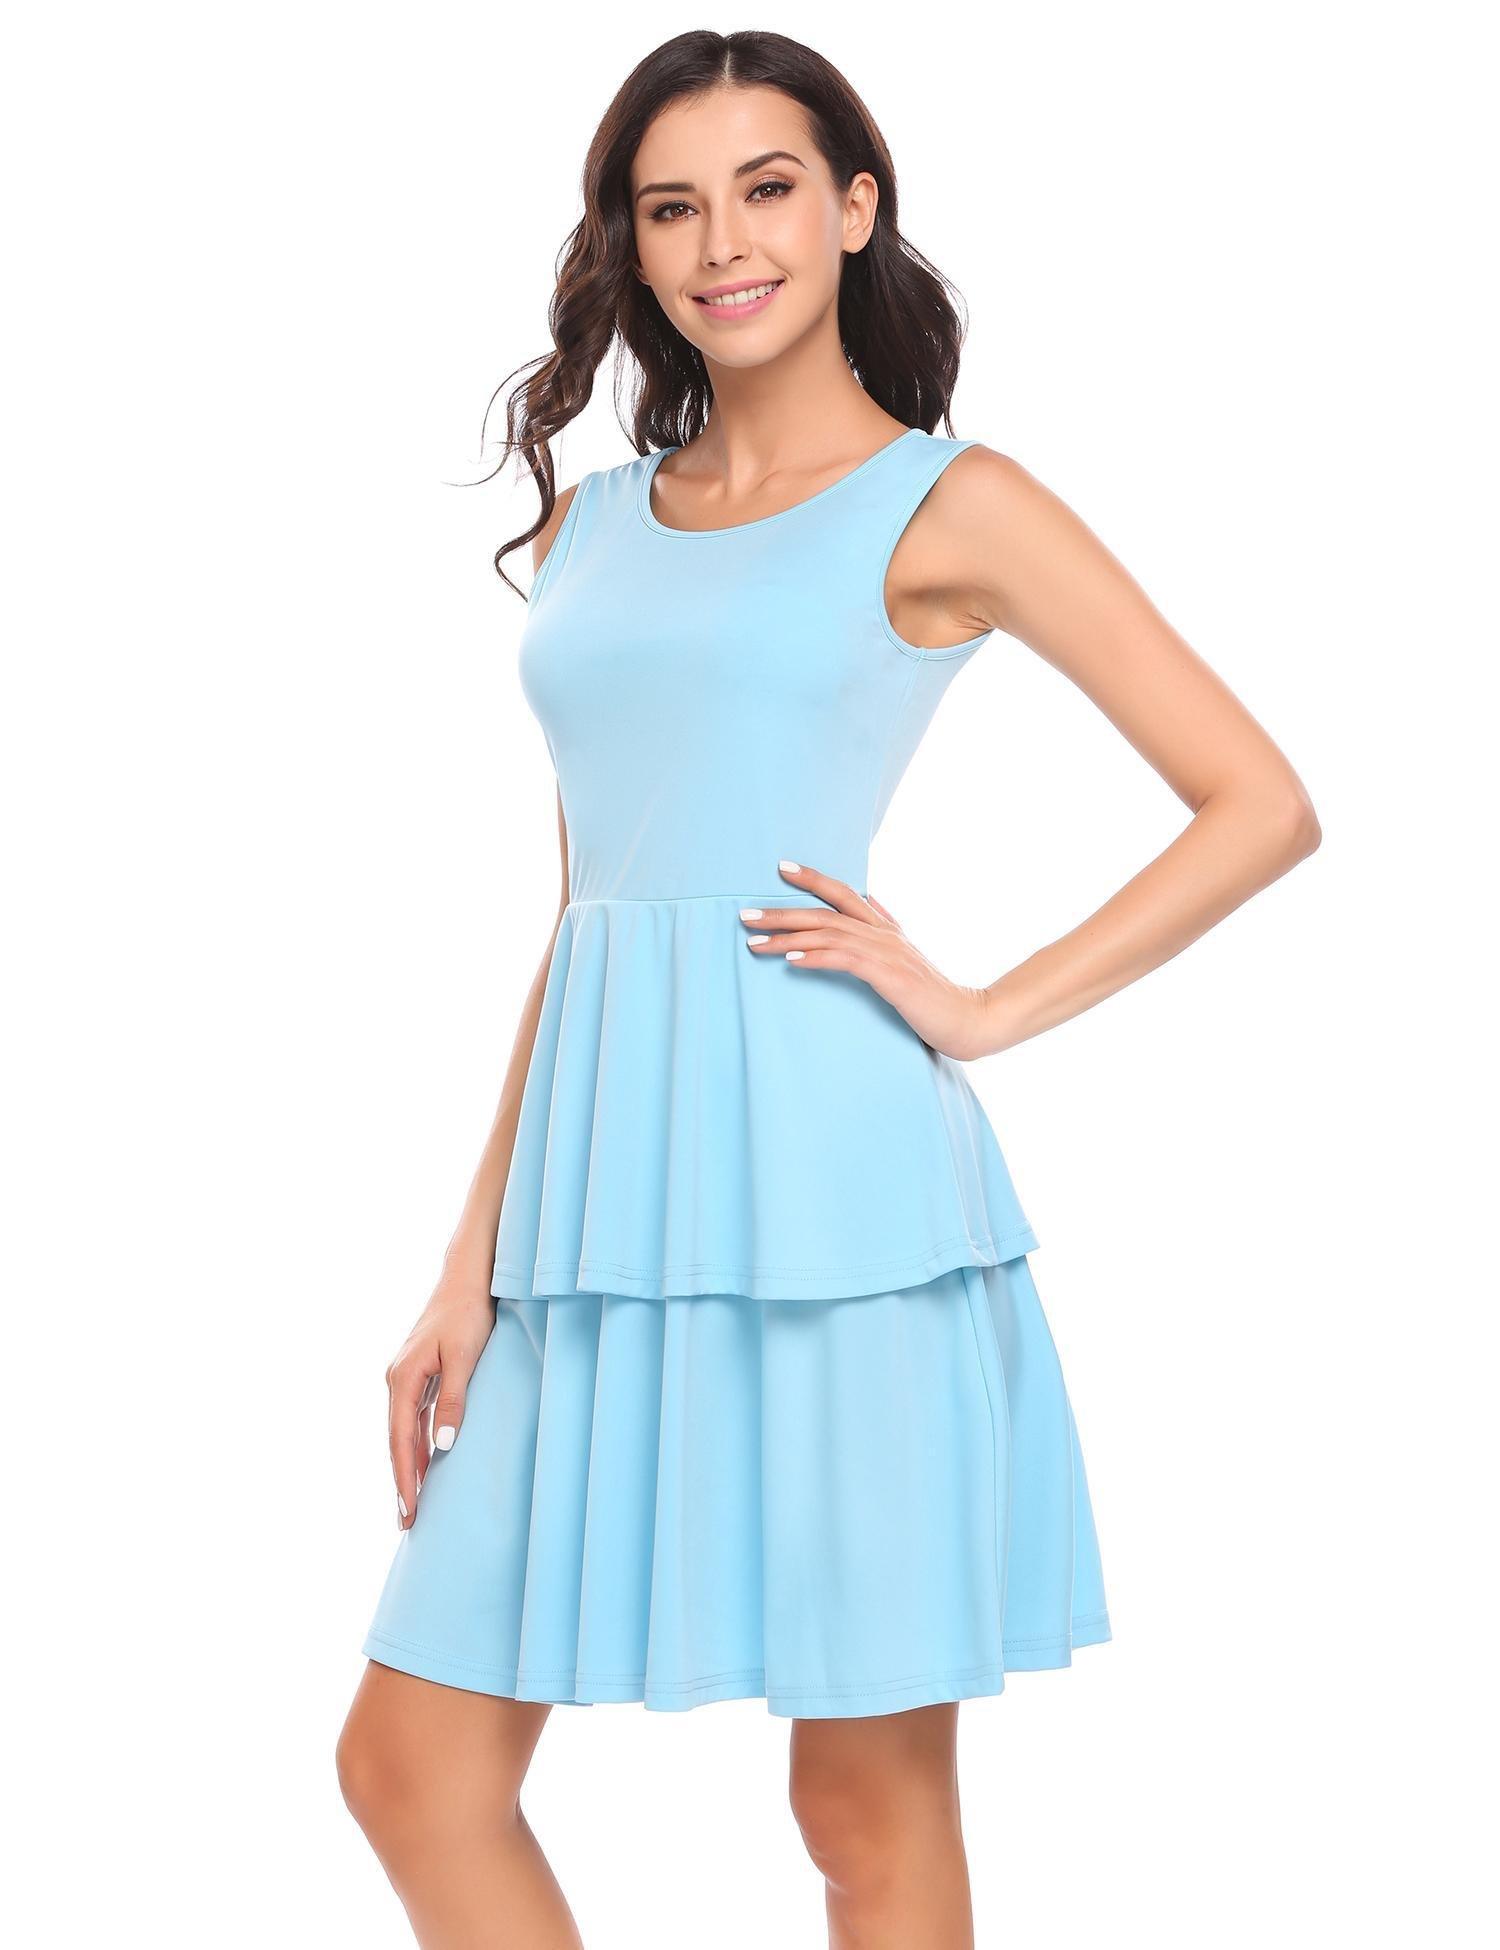 Chigant Damen Sommer Frühling Ärmellos Kleider Rundausschnitt A-linie Partykleid Mini Cocktailkleid Abendkleid